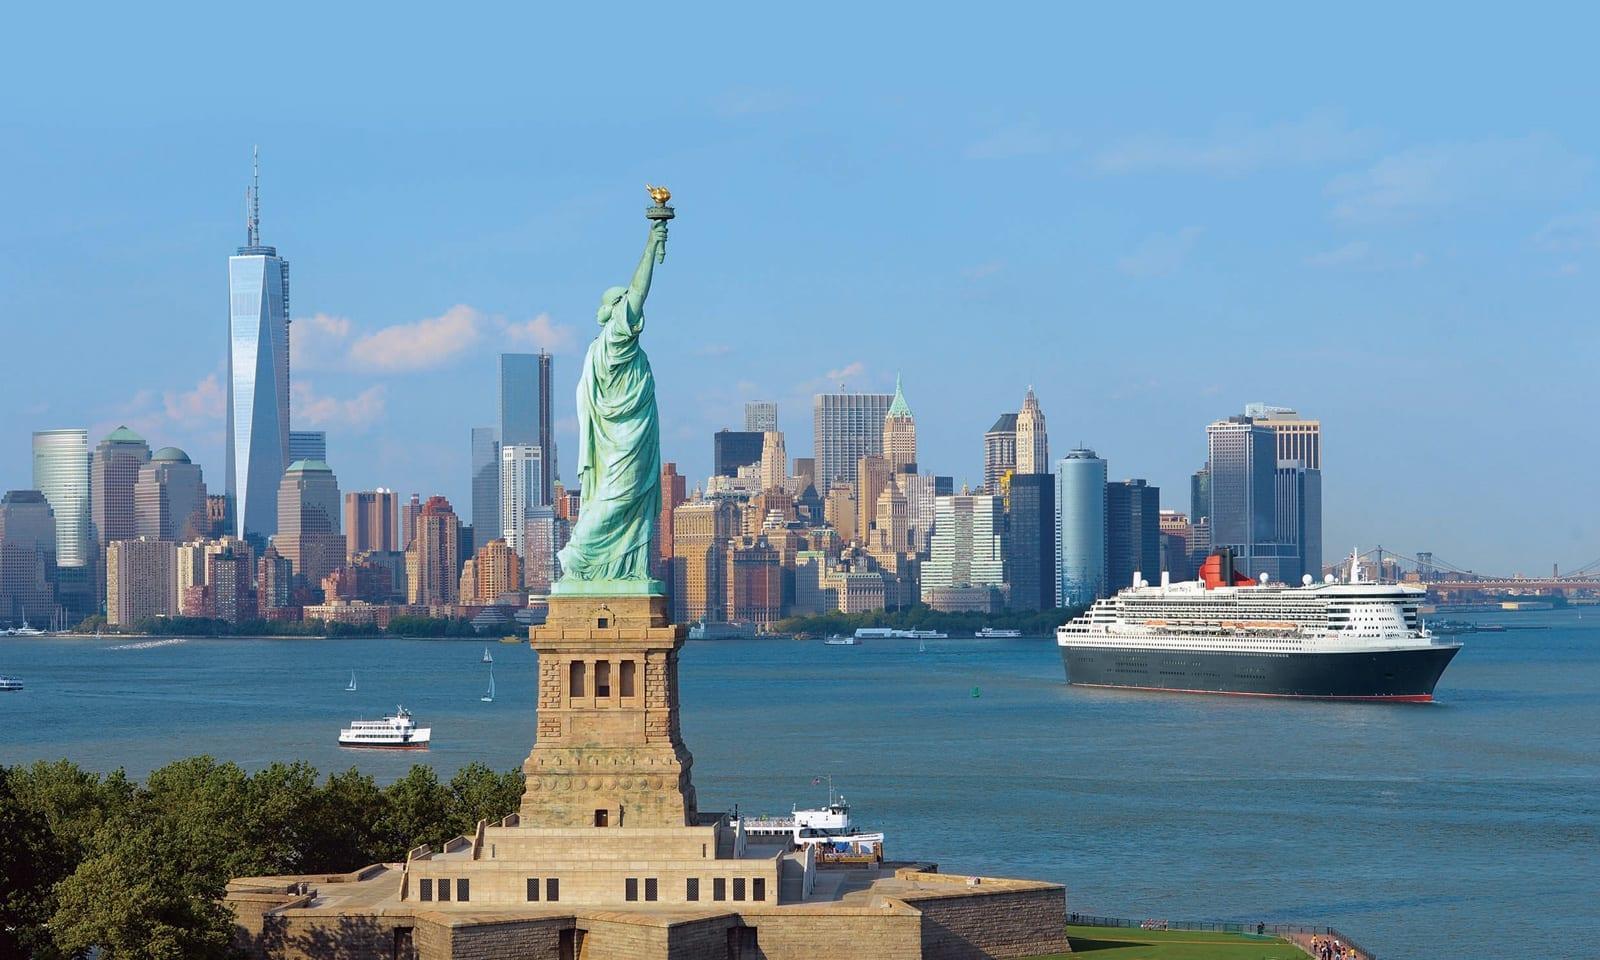 Kreuzfahrt Nach New York Alle Anbieter Vergleich Preise 2019